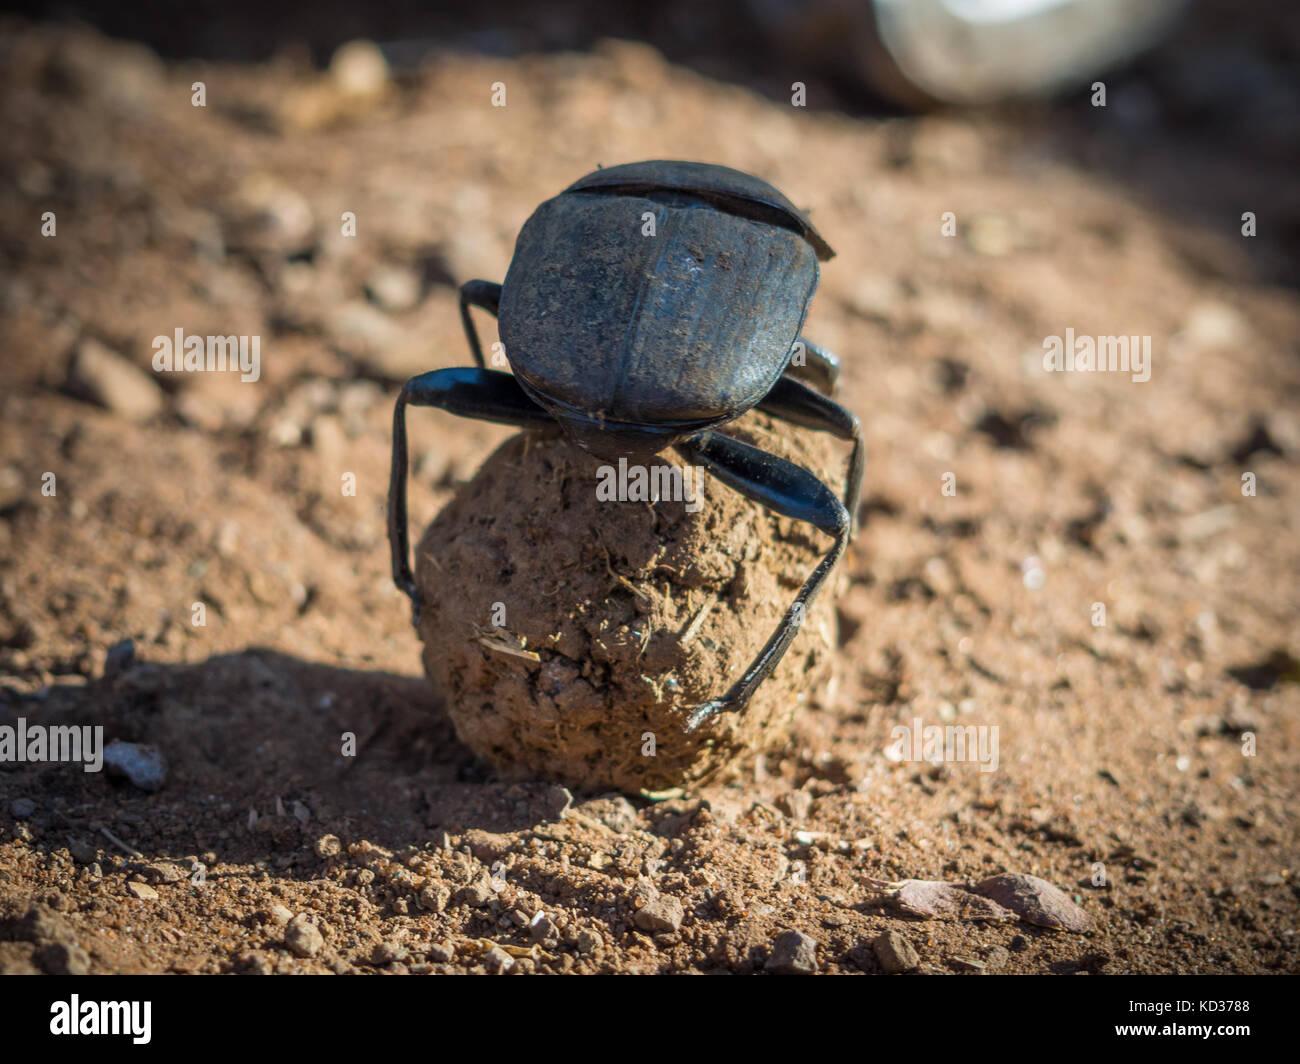 L'excréments scarabée africain ou scarabaeus sacer roulant son boule de bouse, chobe national park, Botswana, Afrique du Sud Banque D'Images